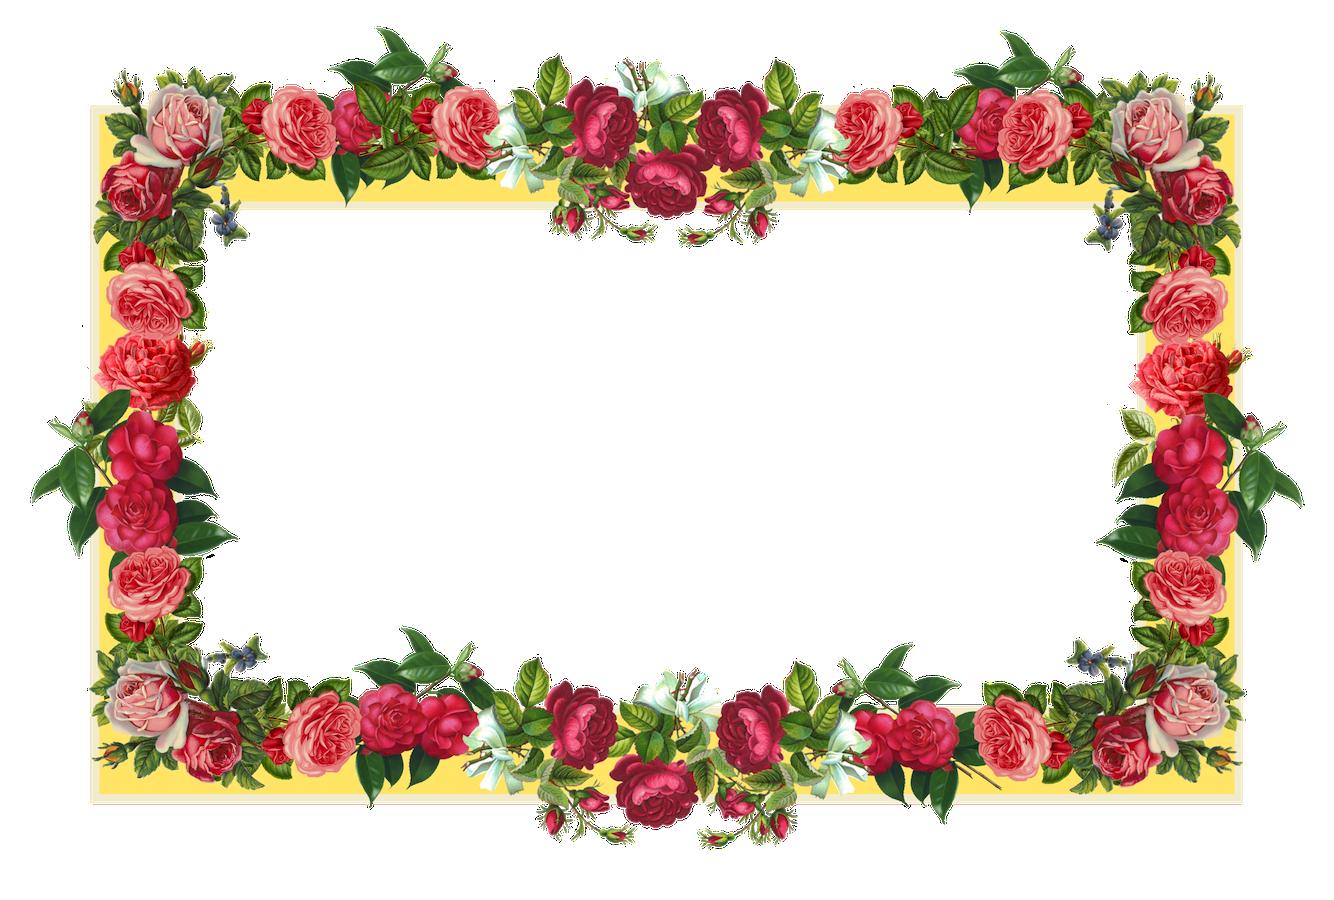 rose flower borders #20